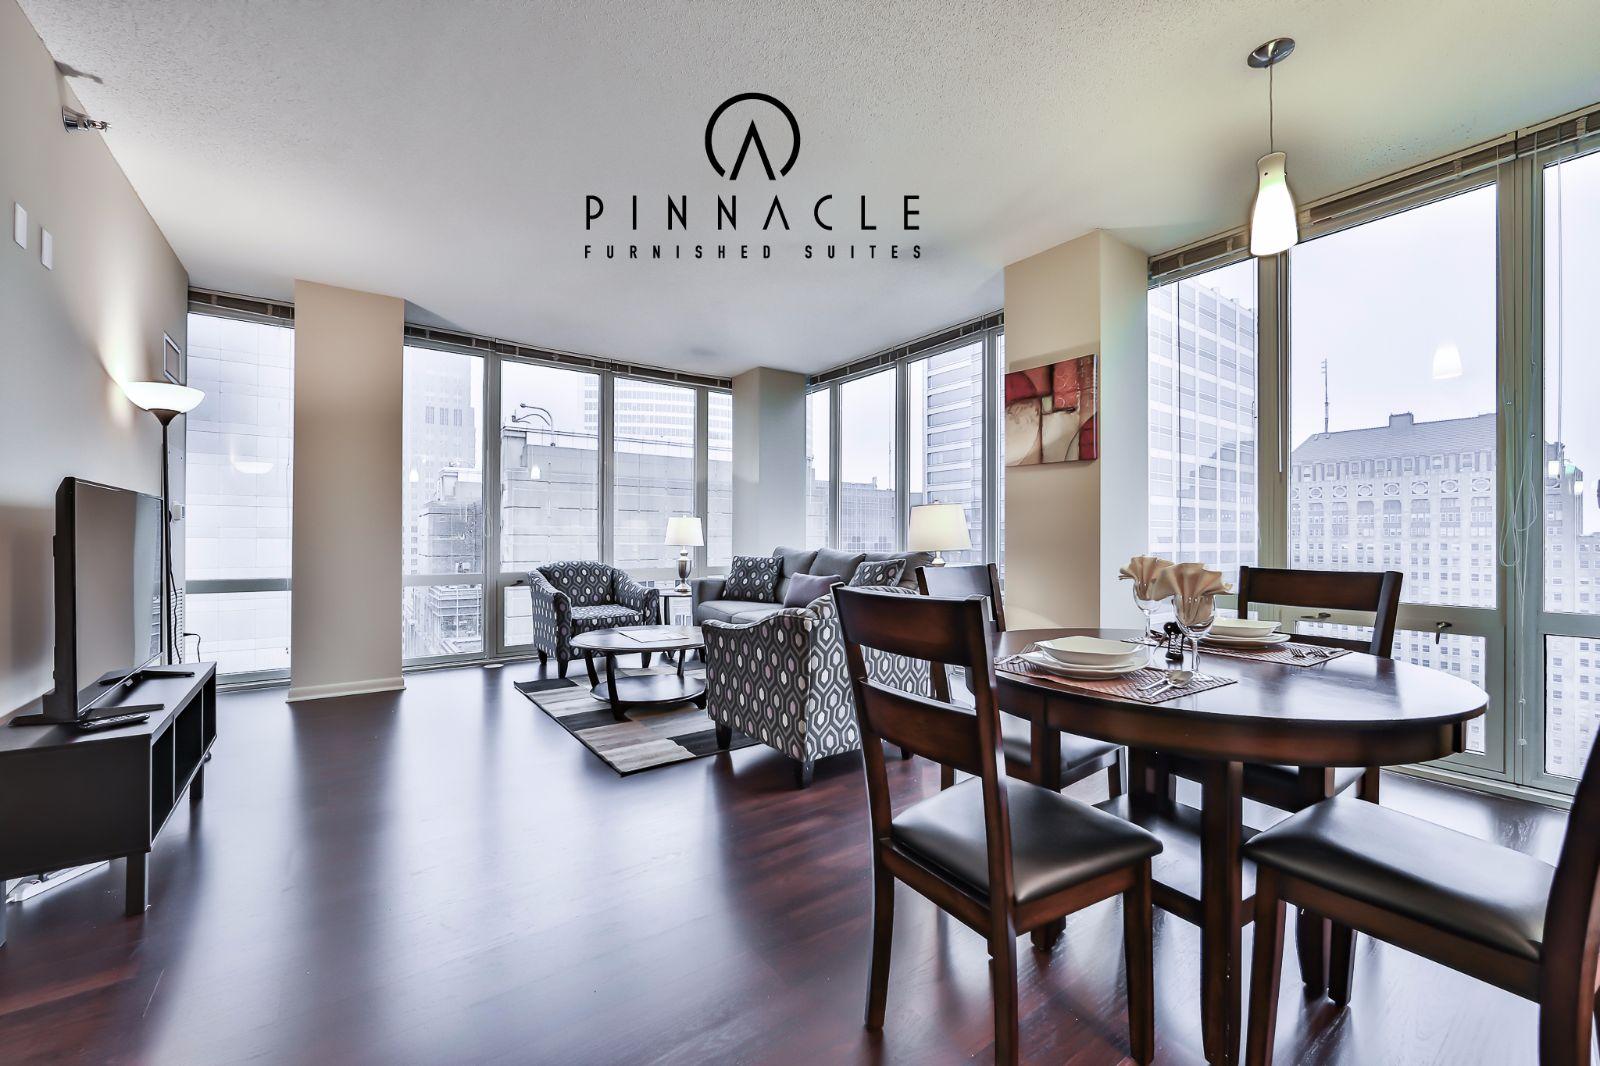 215 West 3 Bedroom 06 - Pinnacle Furnished Suites